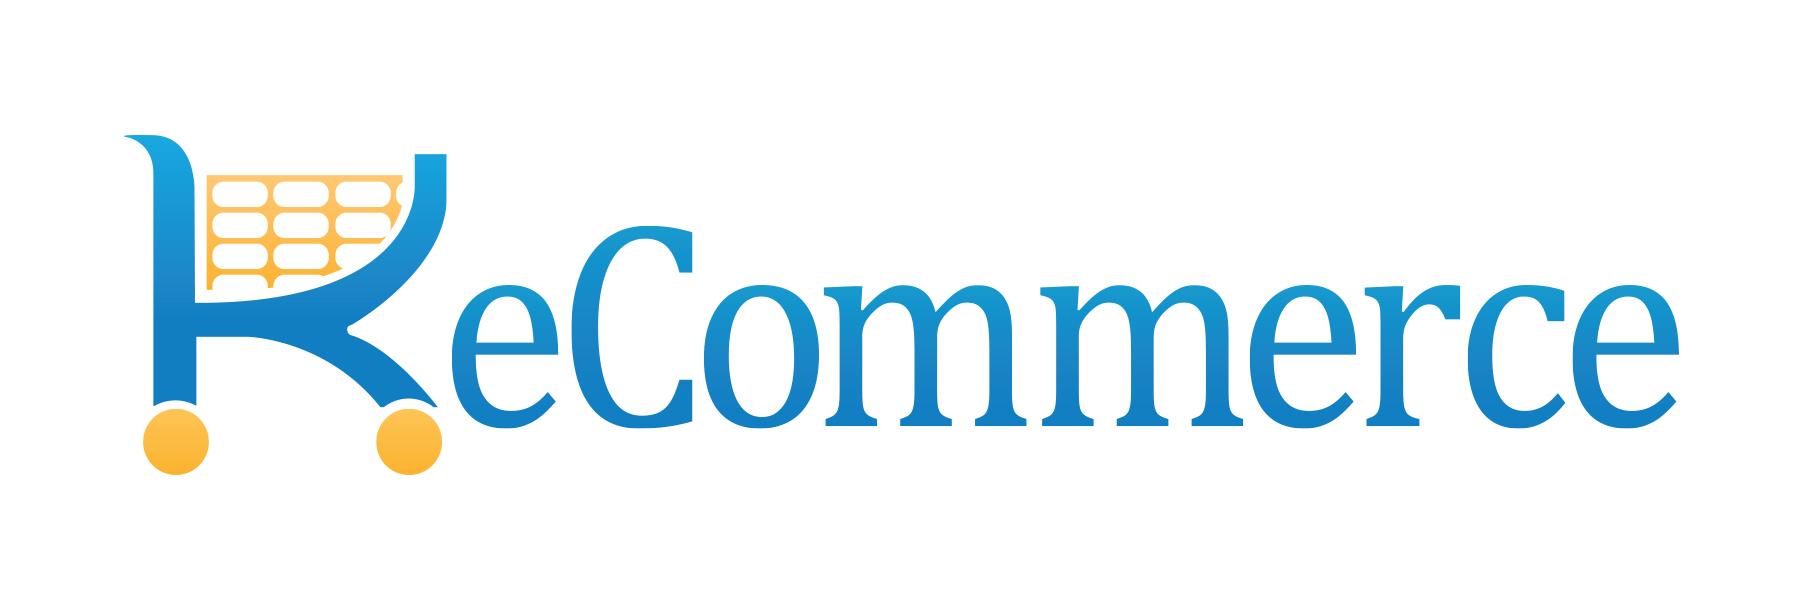 k-eCommerce_LOGO_300dpi_RGB